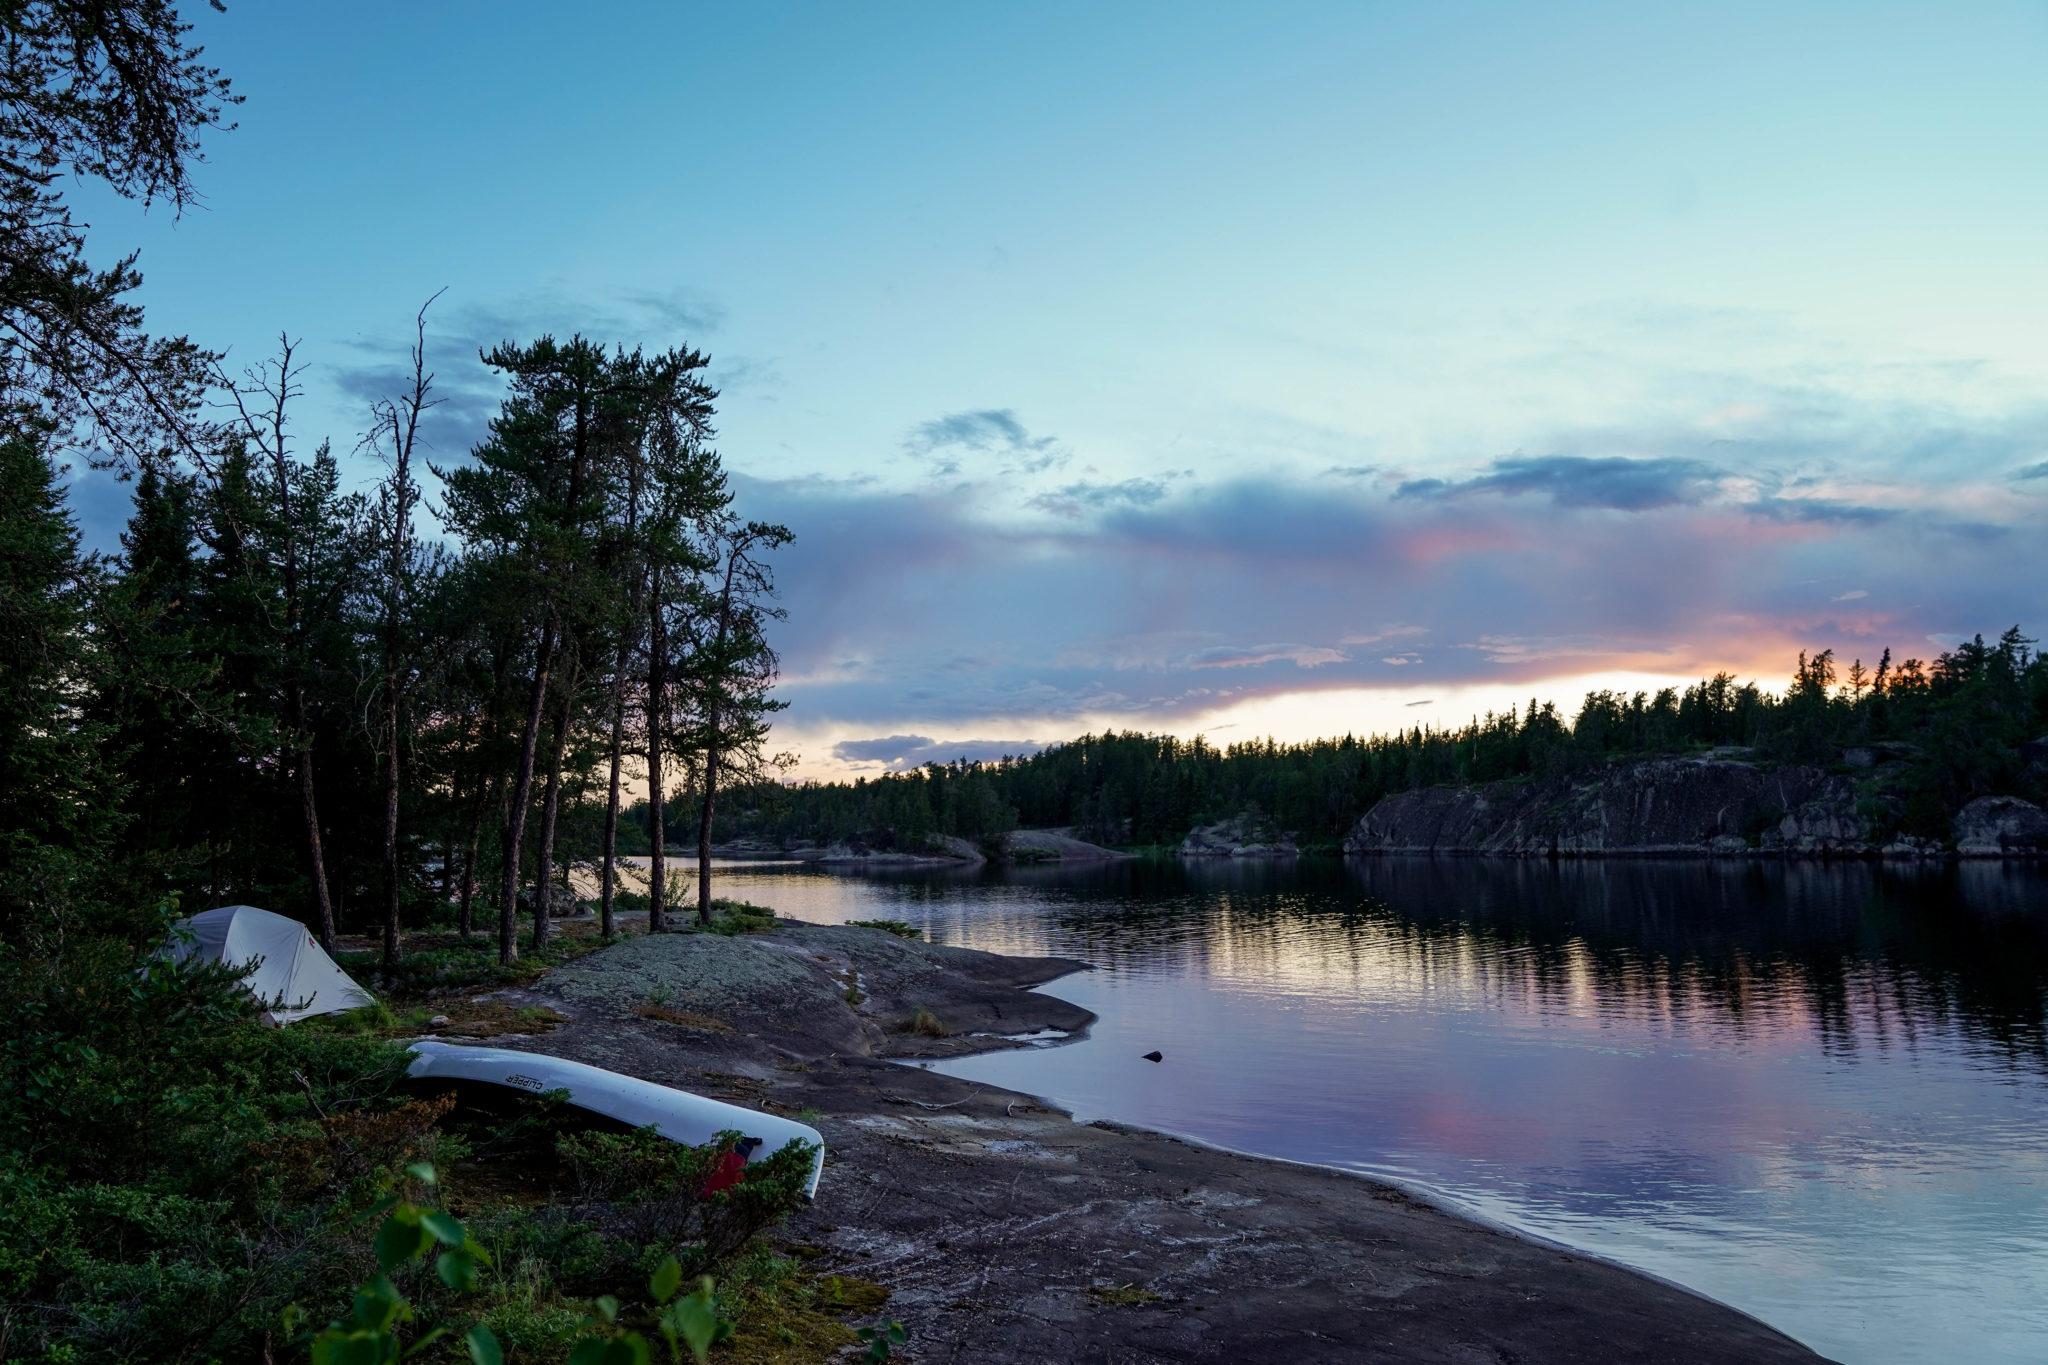 Kanada: Naturerlebnis Manitoba & Winnipeg 60